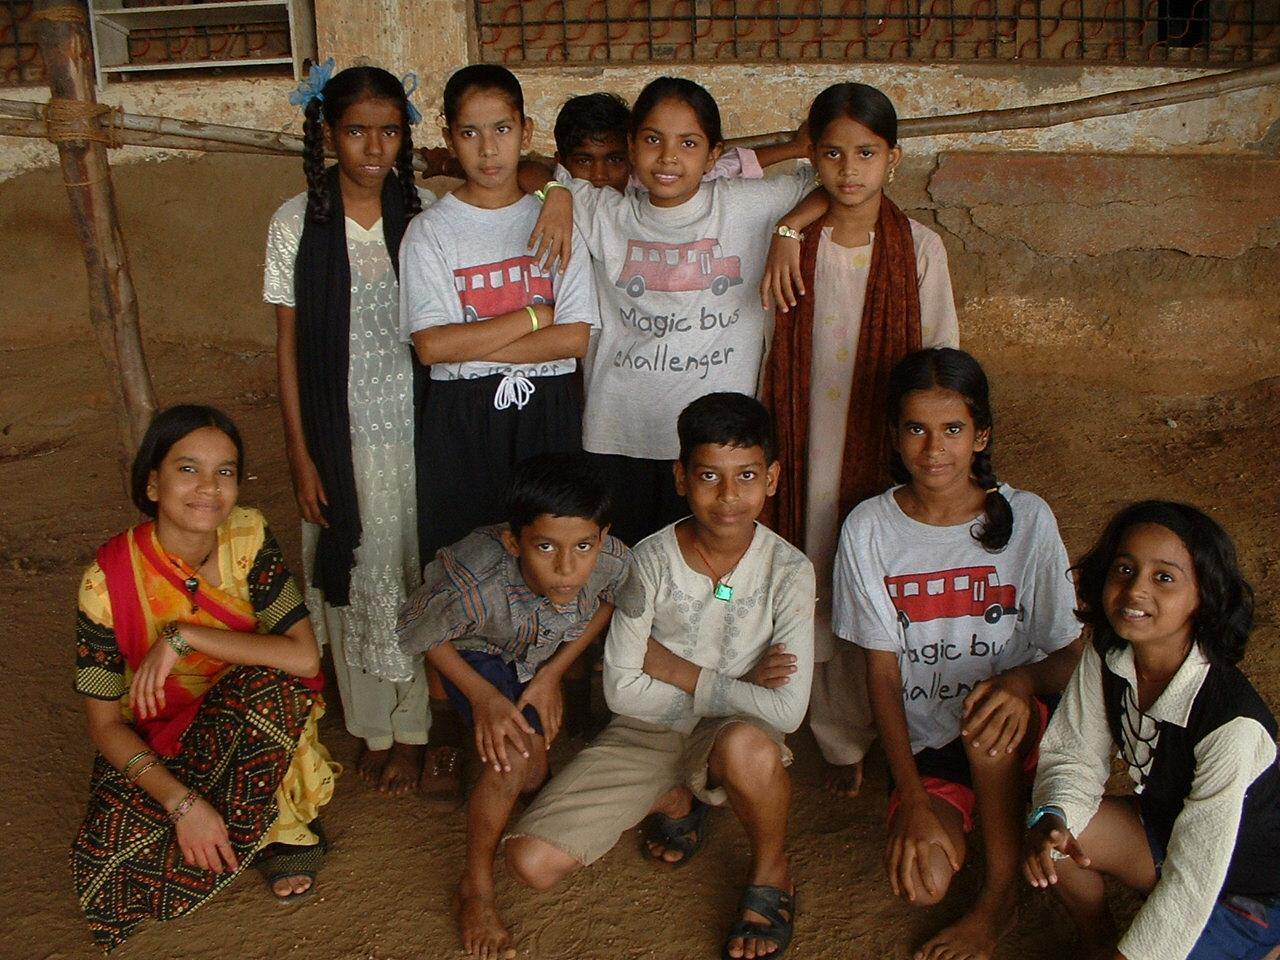 Mike Reeder India Volunteer Children